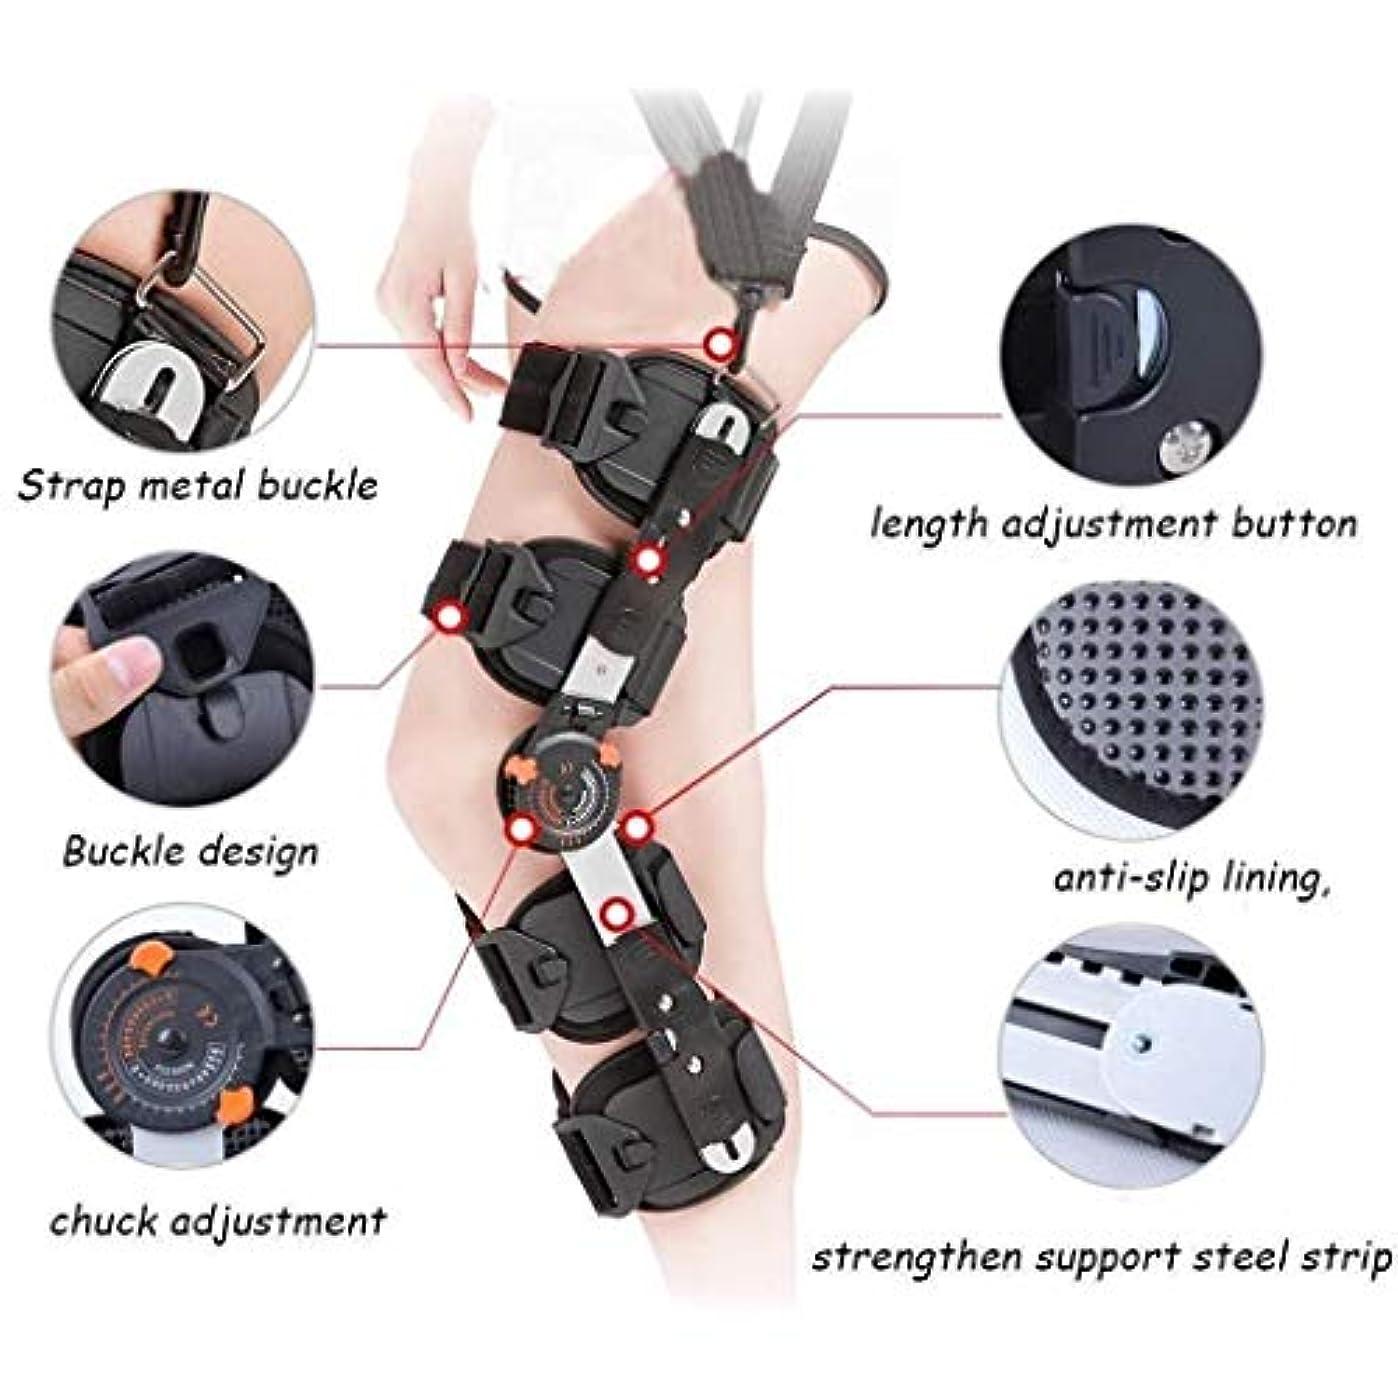 重要な表現ファイターフルレッグスタビライザーヒンジ付き膝サポート装具ブレースガードラップストラップ骨折固定スプリント (Color : As Picture, Size : Left)